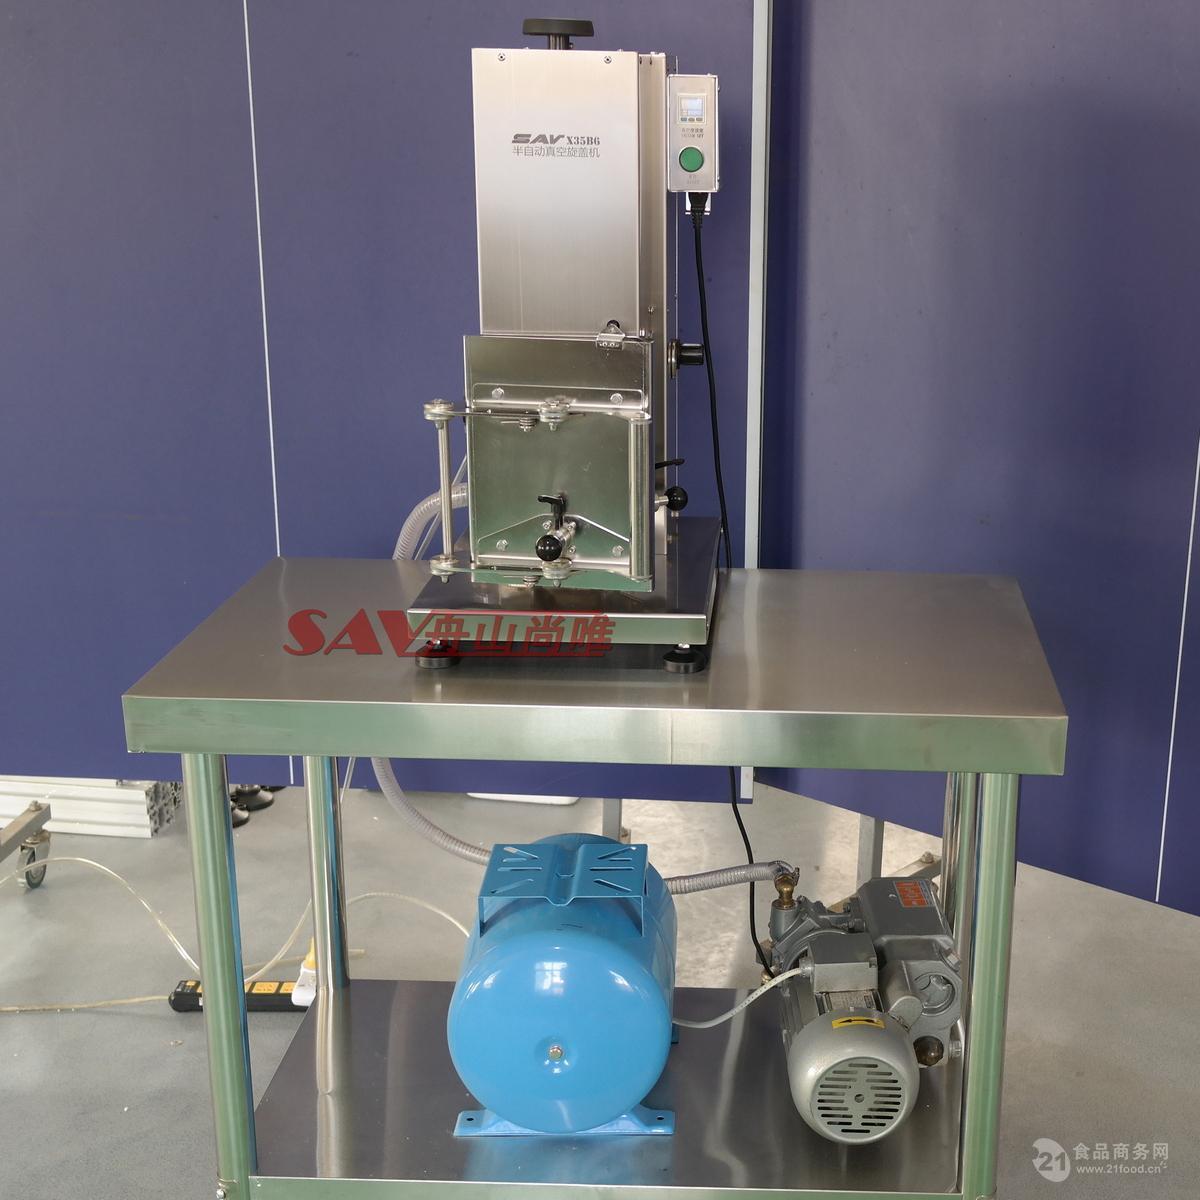 实验仪器 实验室装备真空旋盖机机 X35B6